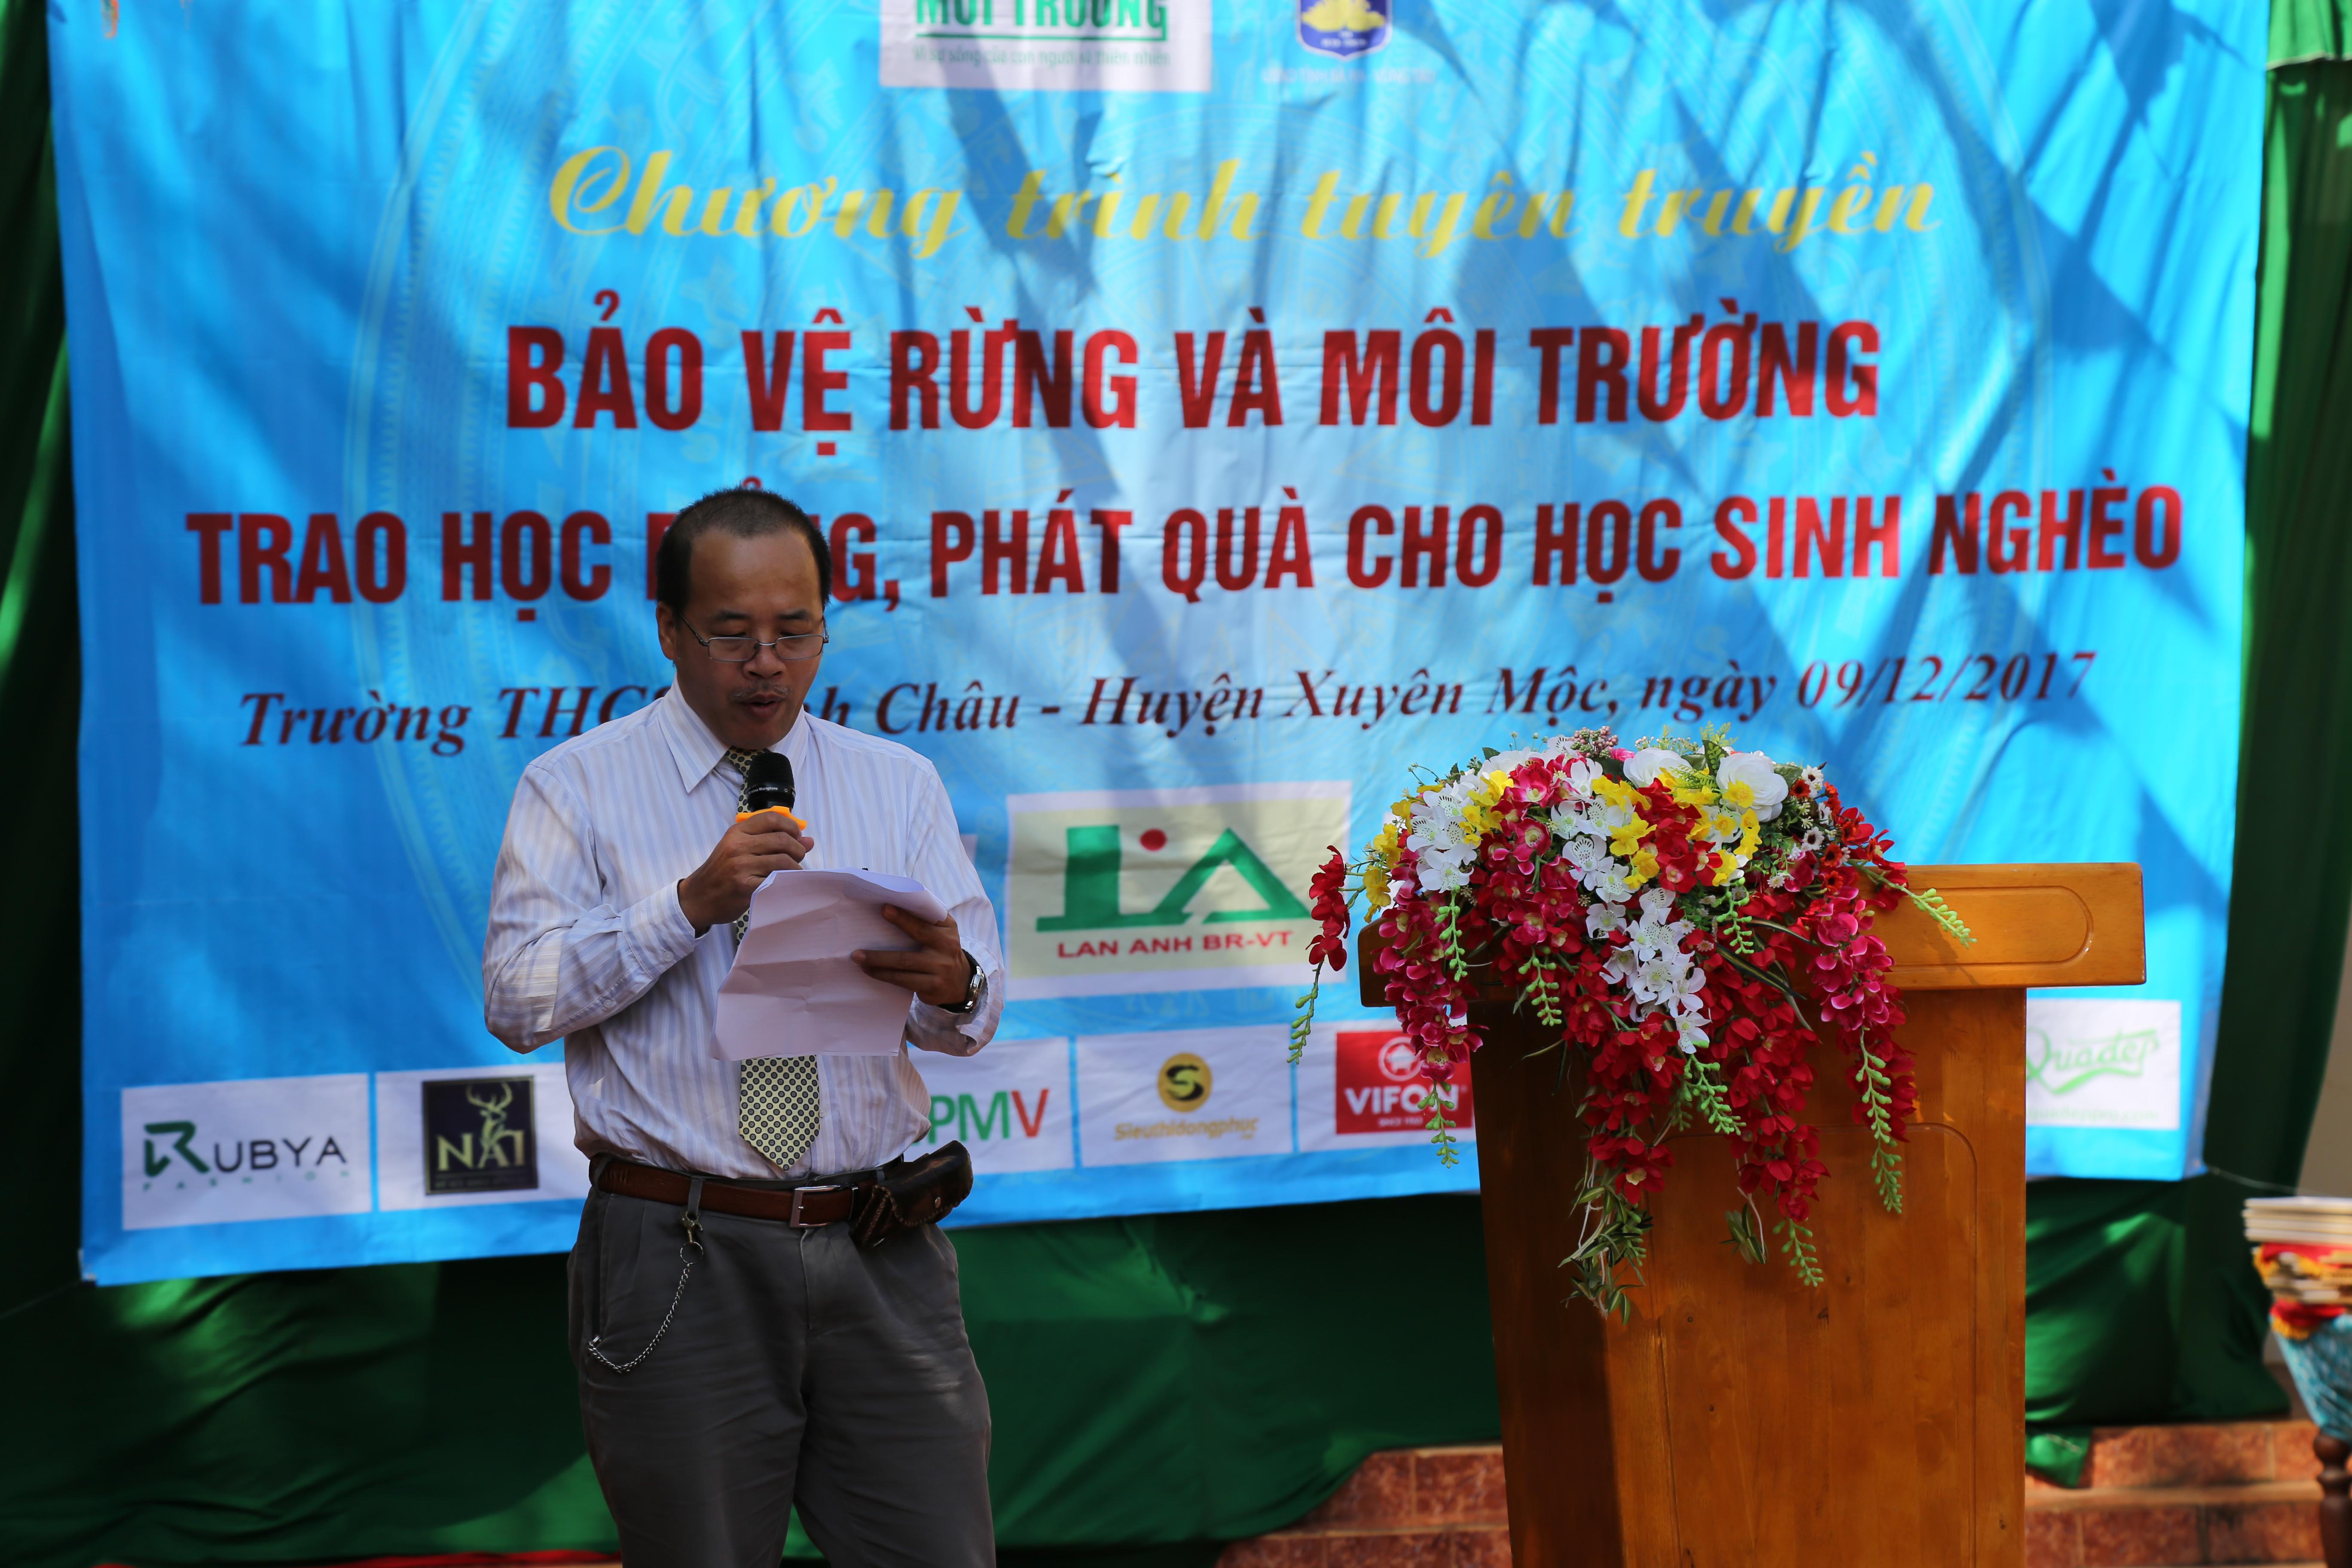 Ông Đặng Sơn Hải, Phó Giám đốc sở TN&MT tỉnh Bà Rịa - Vũng Tàu.